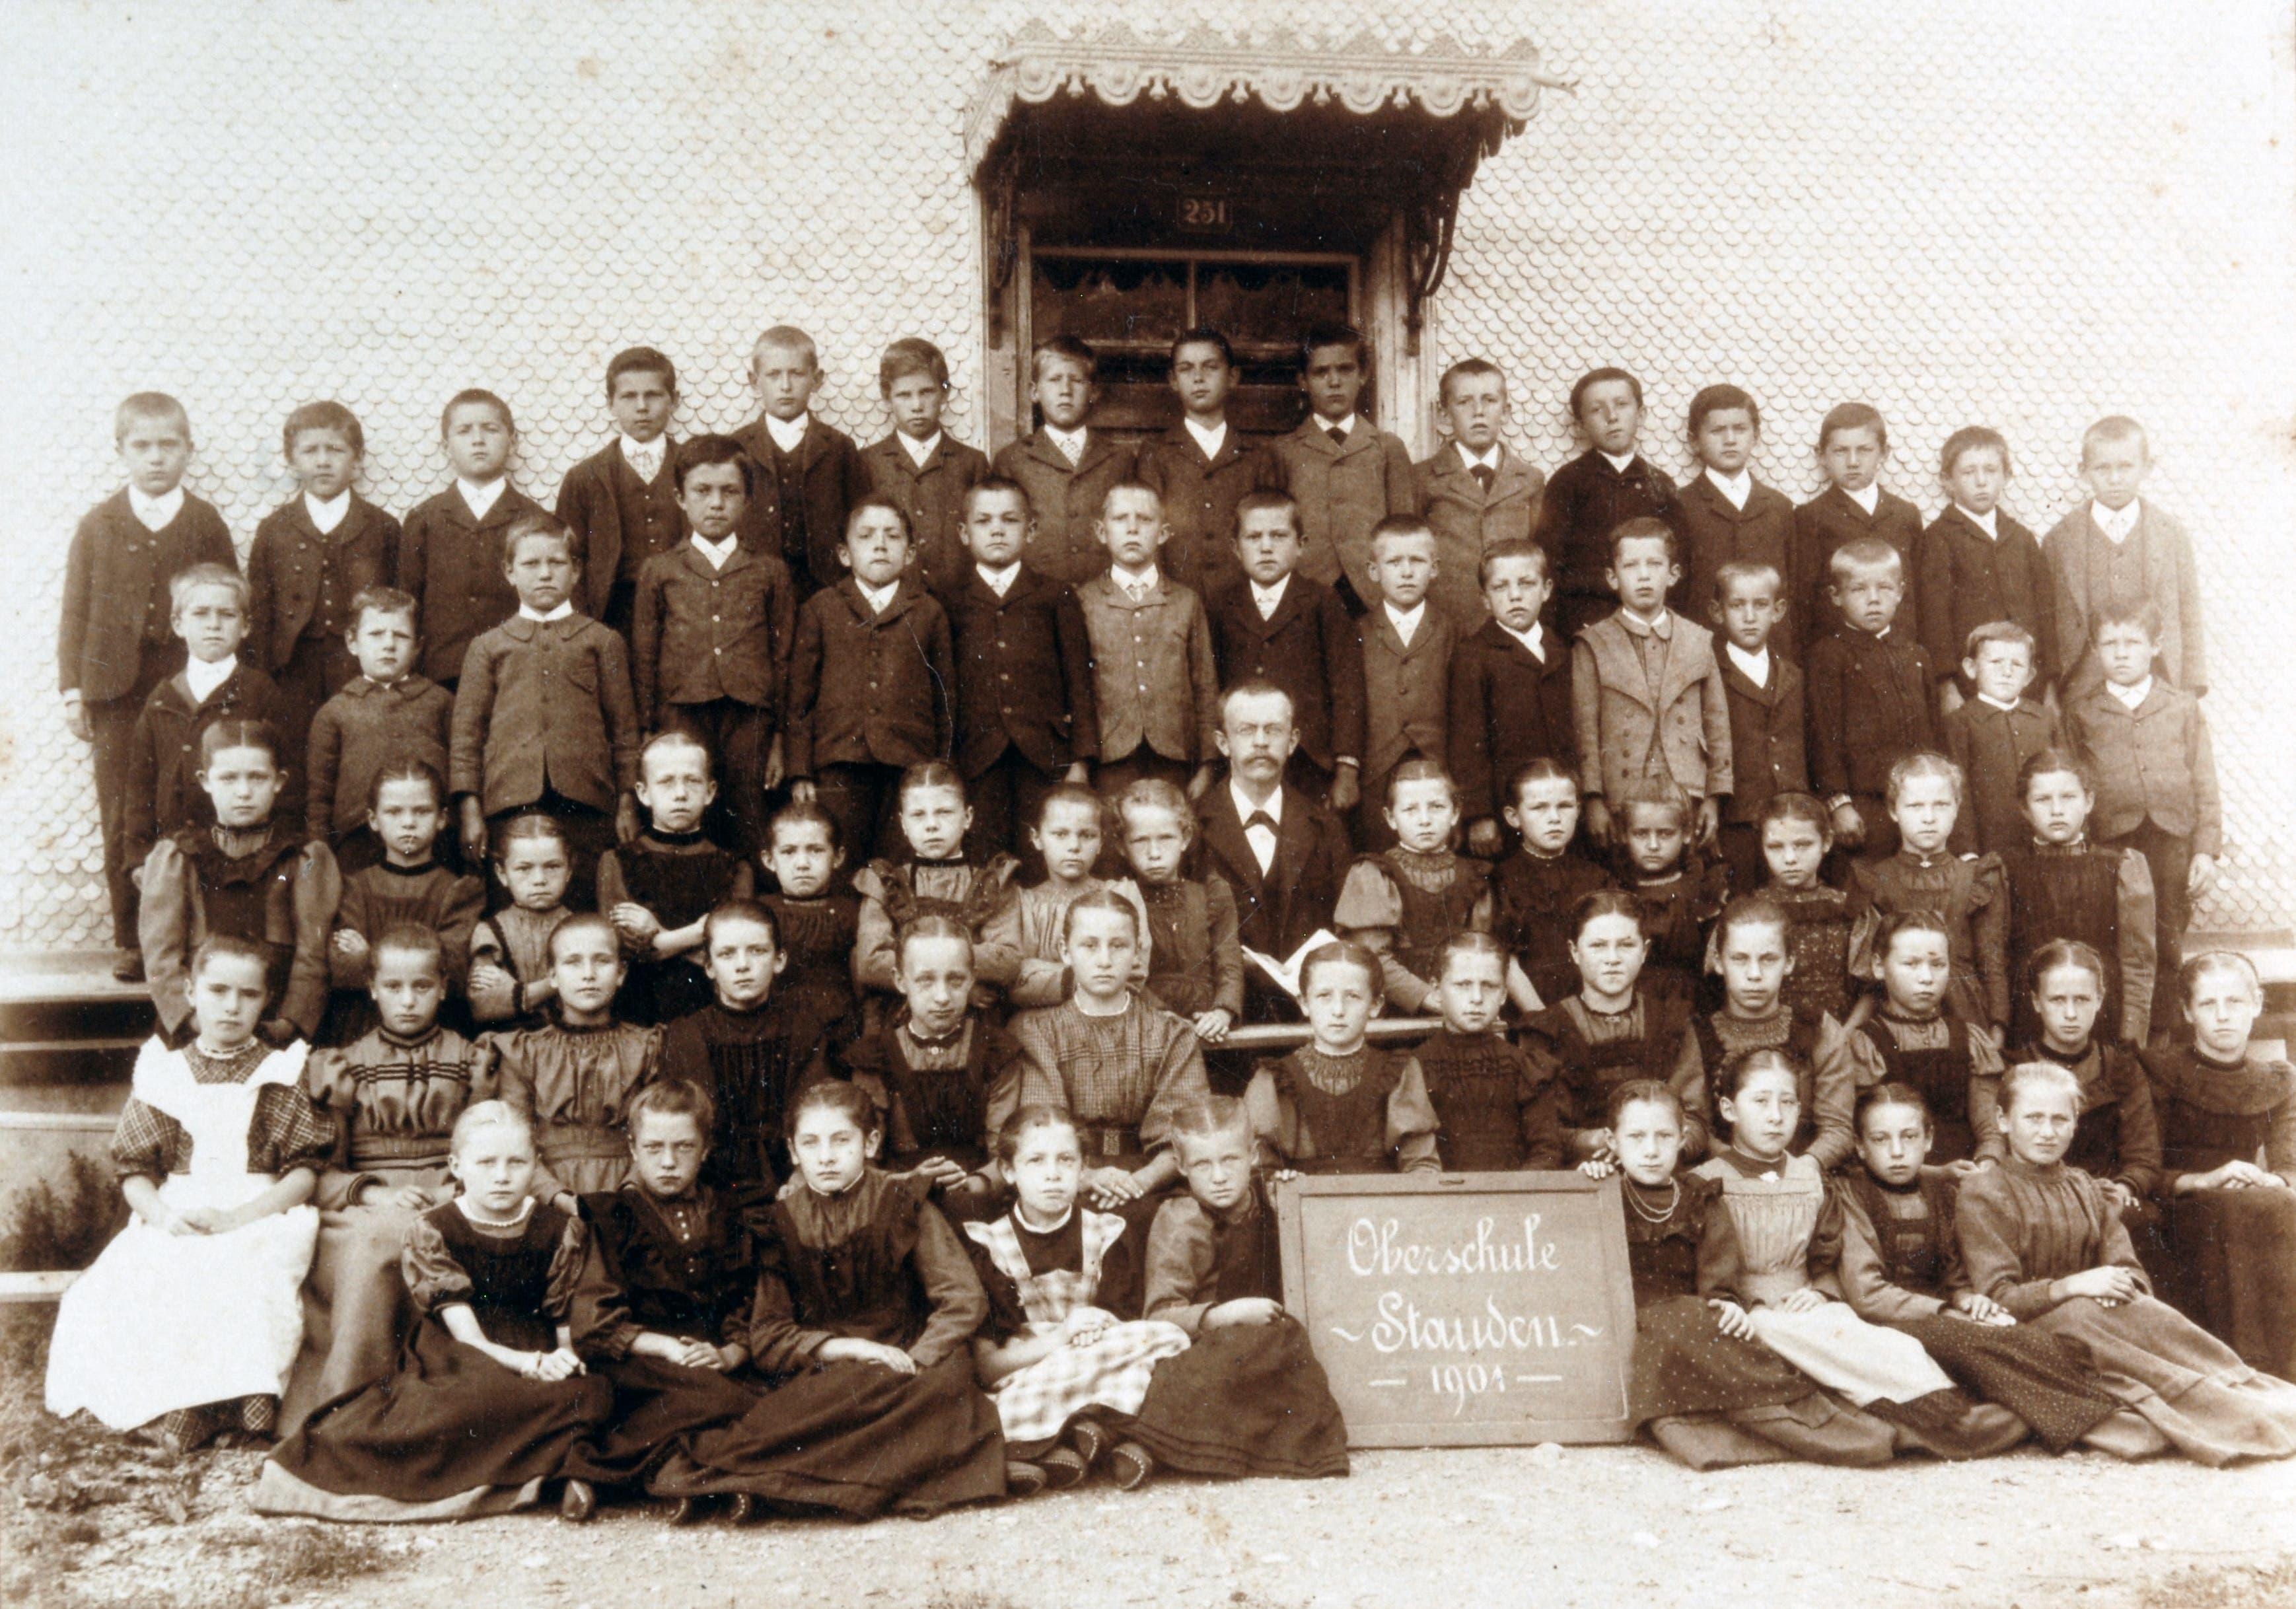 Die «Oberschule Stauden» im Jahr 1901. Man beachte die grosse Anzahl Schülerinnen und Schüler, die Grösse des Lehrers (Mitte), die ernsten Gesichter (auf Fotos zu lachen war unüblich), die aufrechte Haltung und die sonntägliche Kleidung.